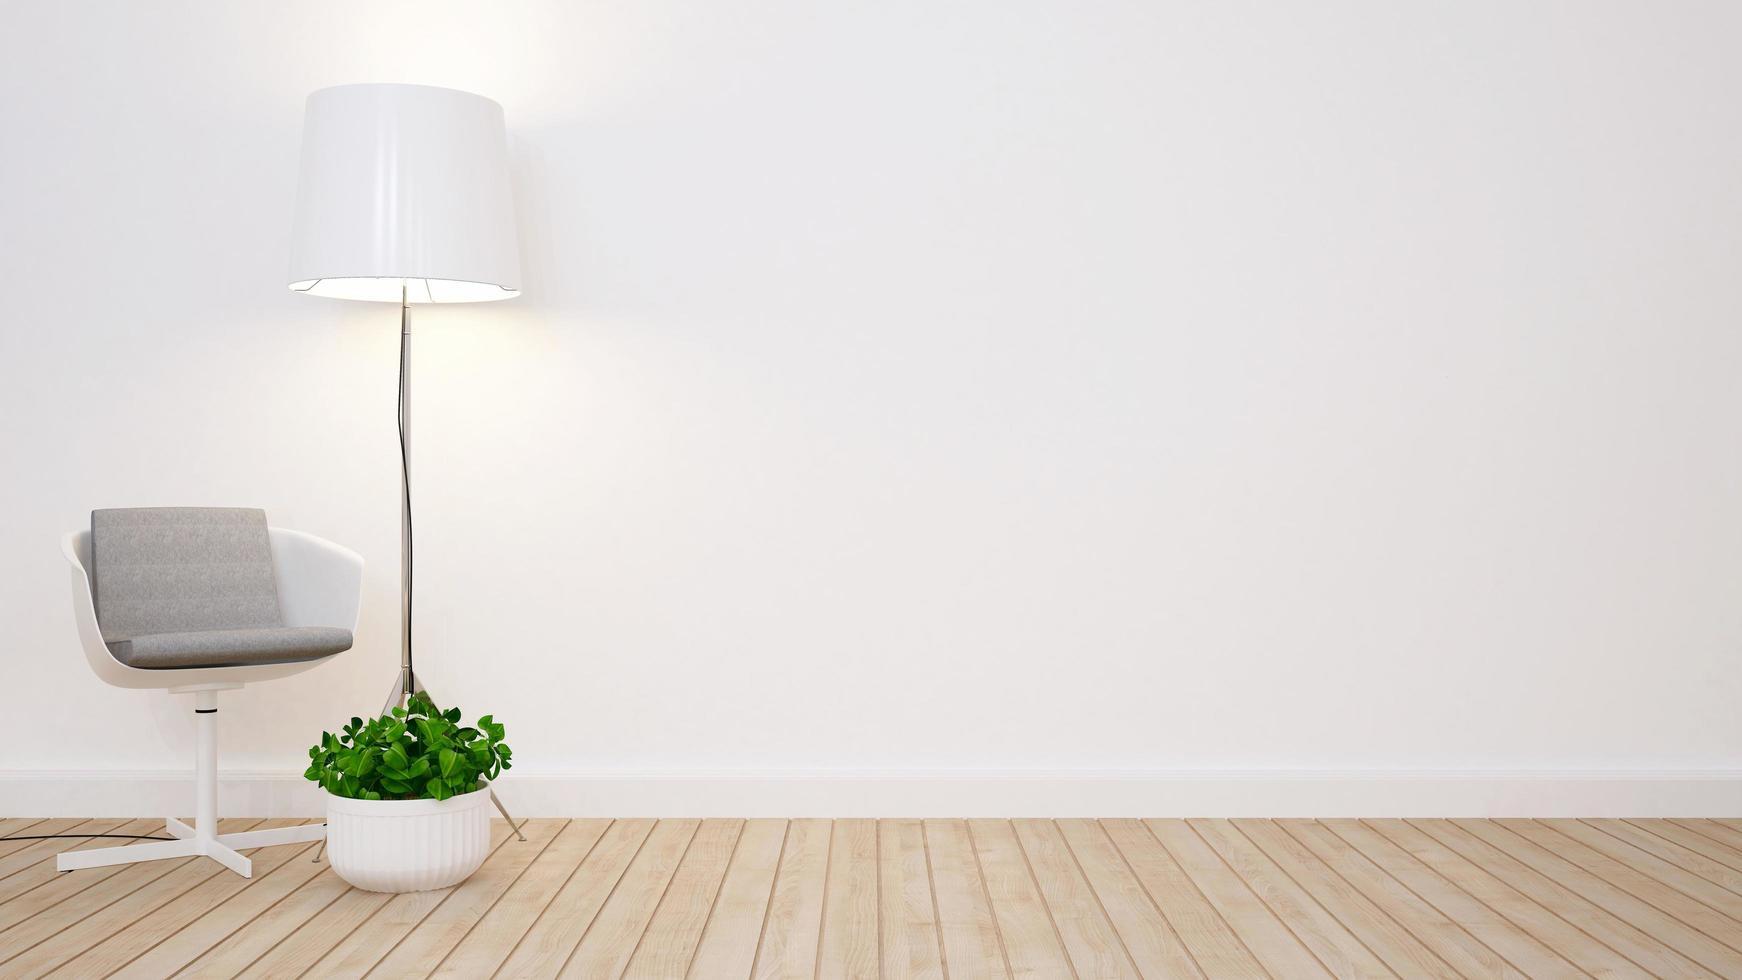 Wohnzimmer in Haus oder Wohnung foto